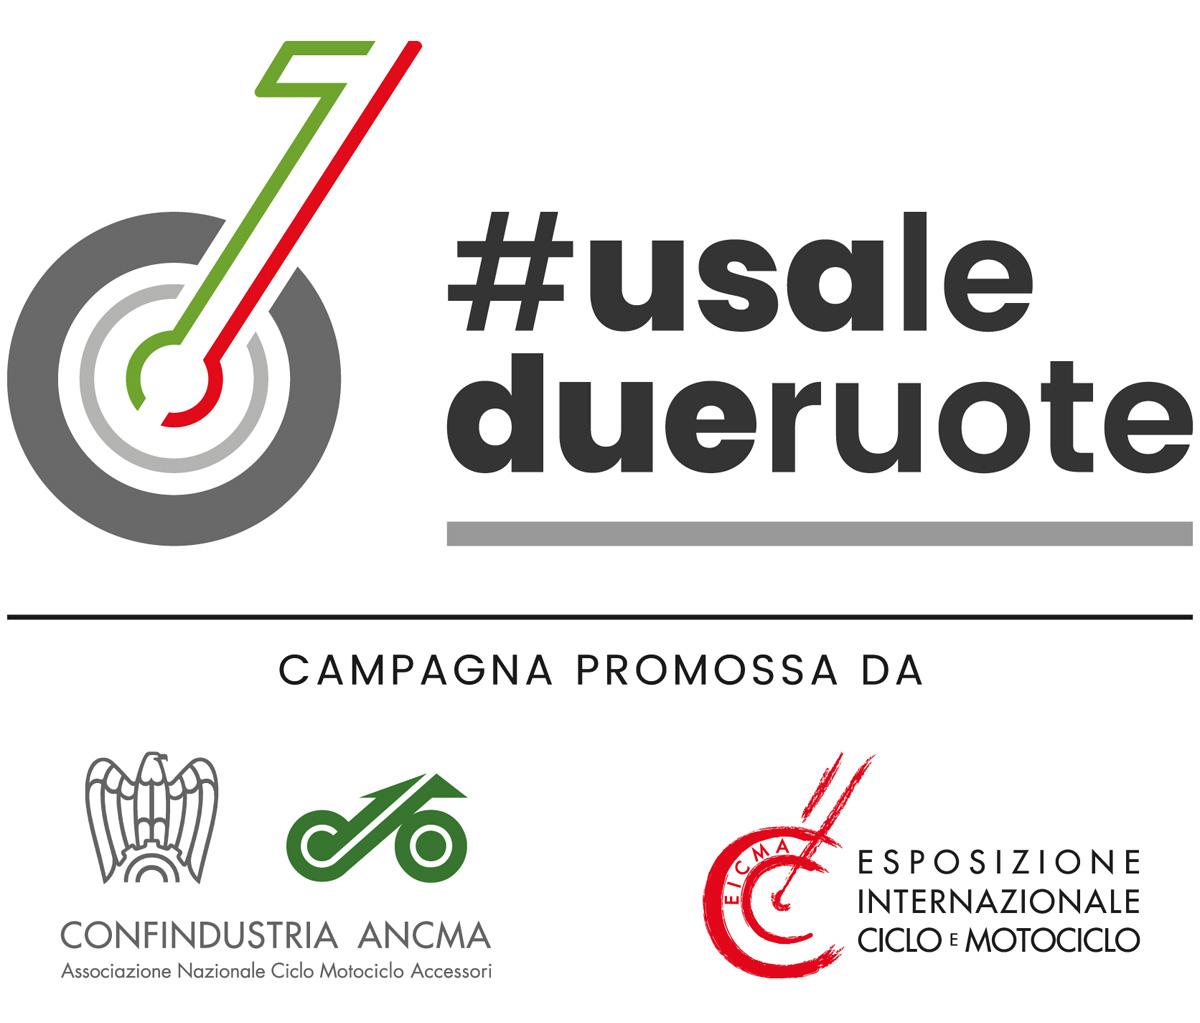 Il logo della campagna #usaledueruote di ANCMA ed EICMA